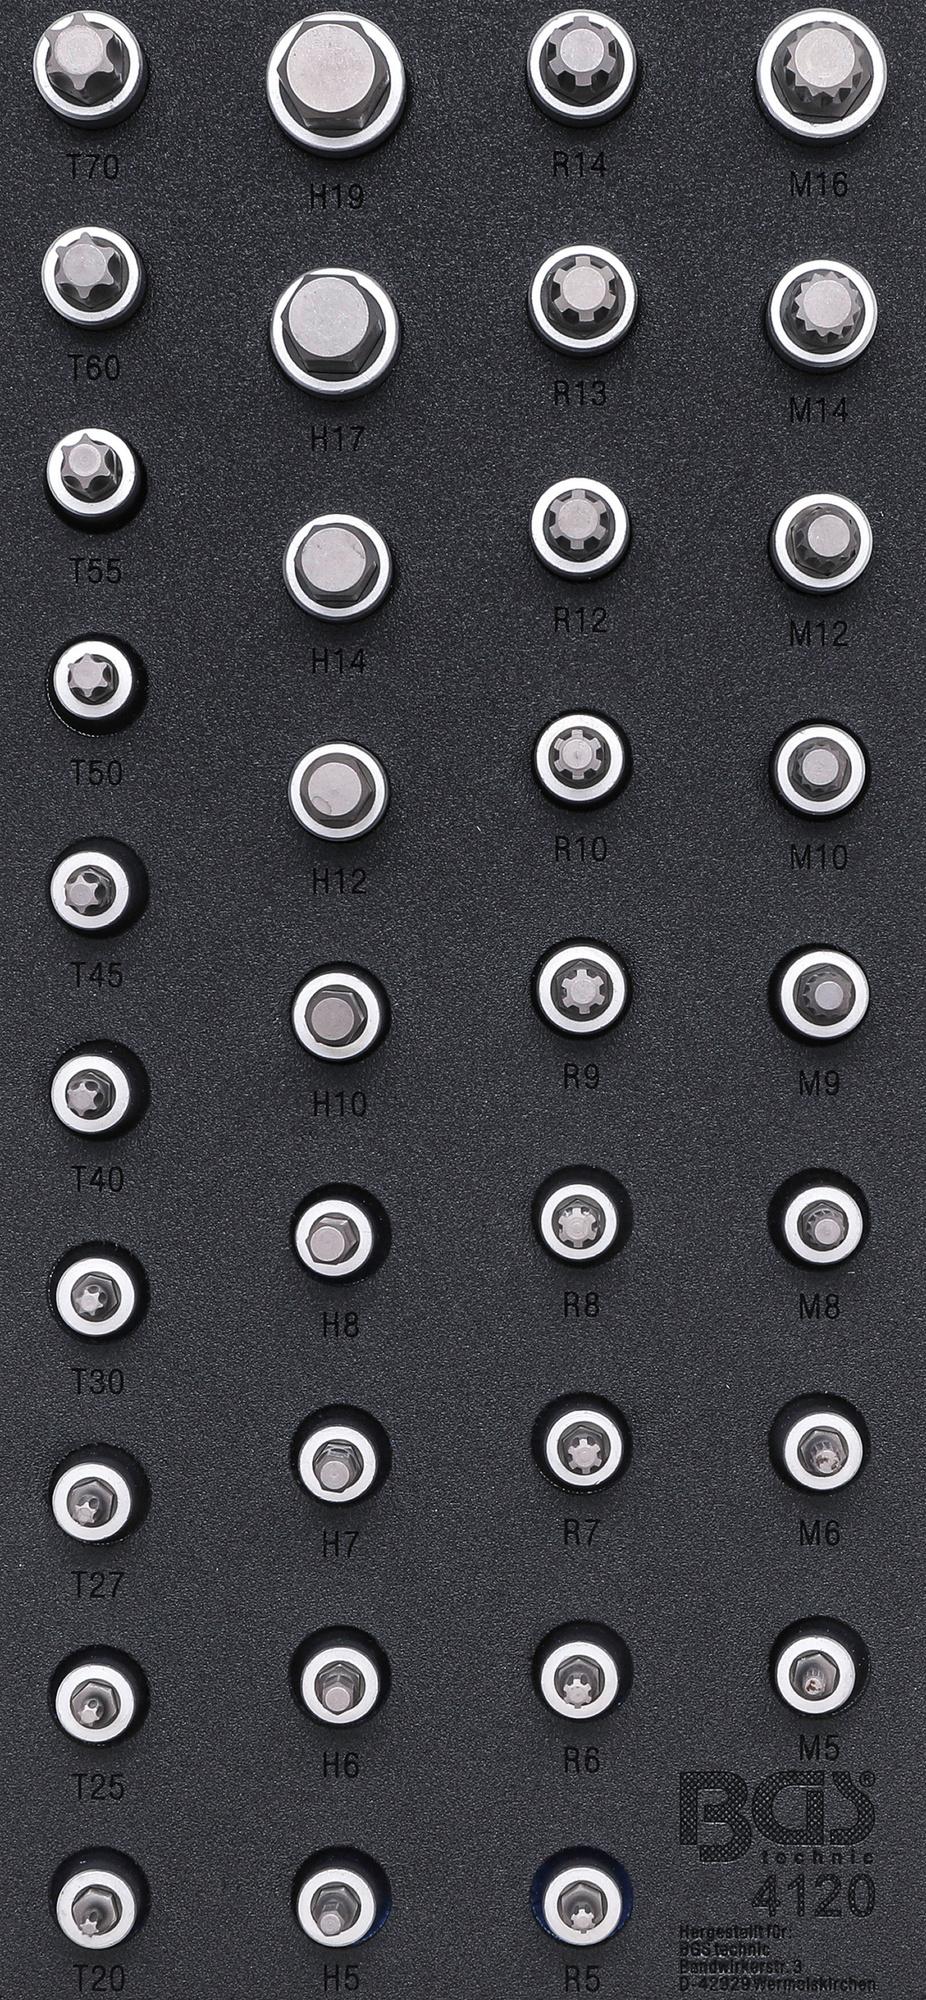 """BGS DIY 4120 Satz Biteinsätze Antrieb Innenvierkant 12,5mm (1/2"""") Innensechskant T-Profil (für Torx) Innenvielzahn (für XZN) Keil-Profil (für RIBE) Werkstattwageneinlage 1/3"""